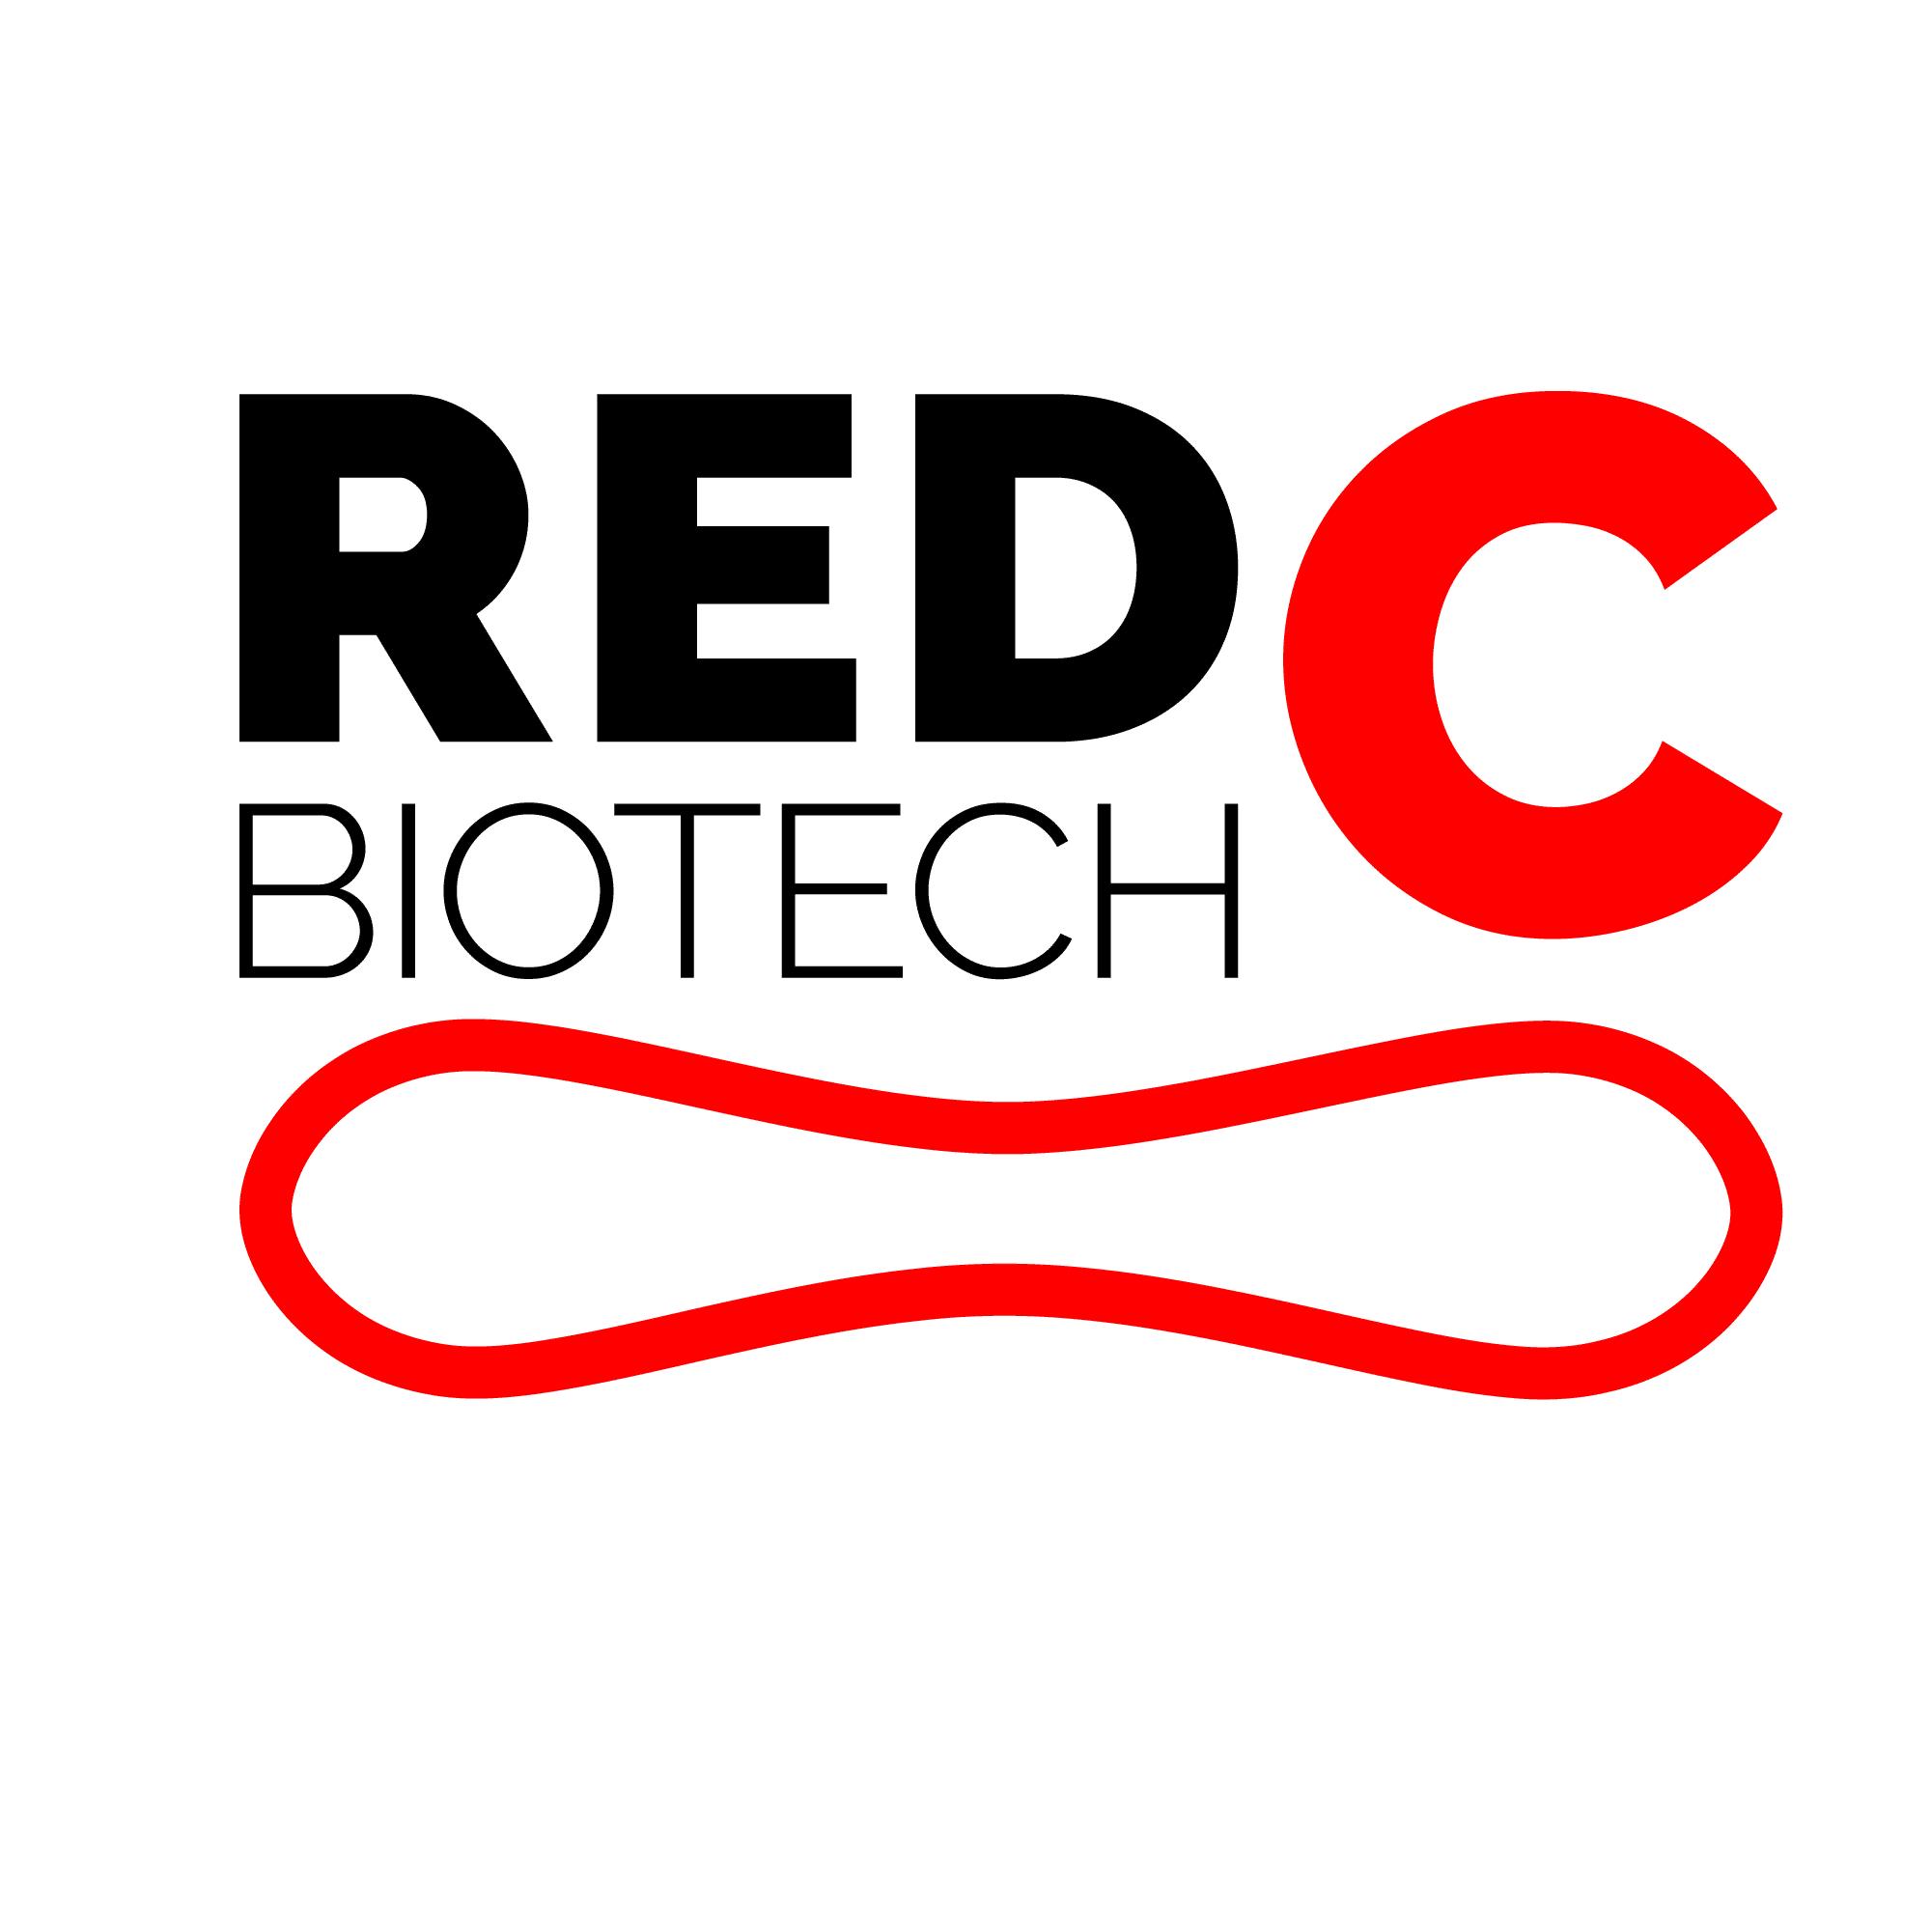 Red C Biotech